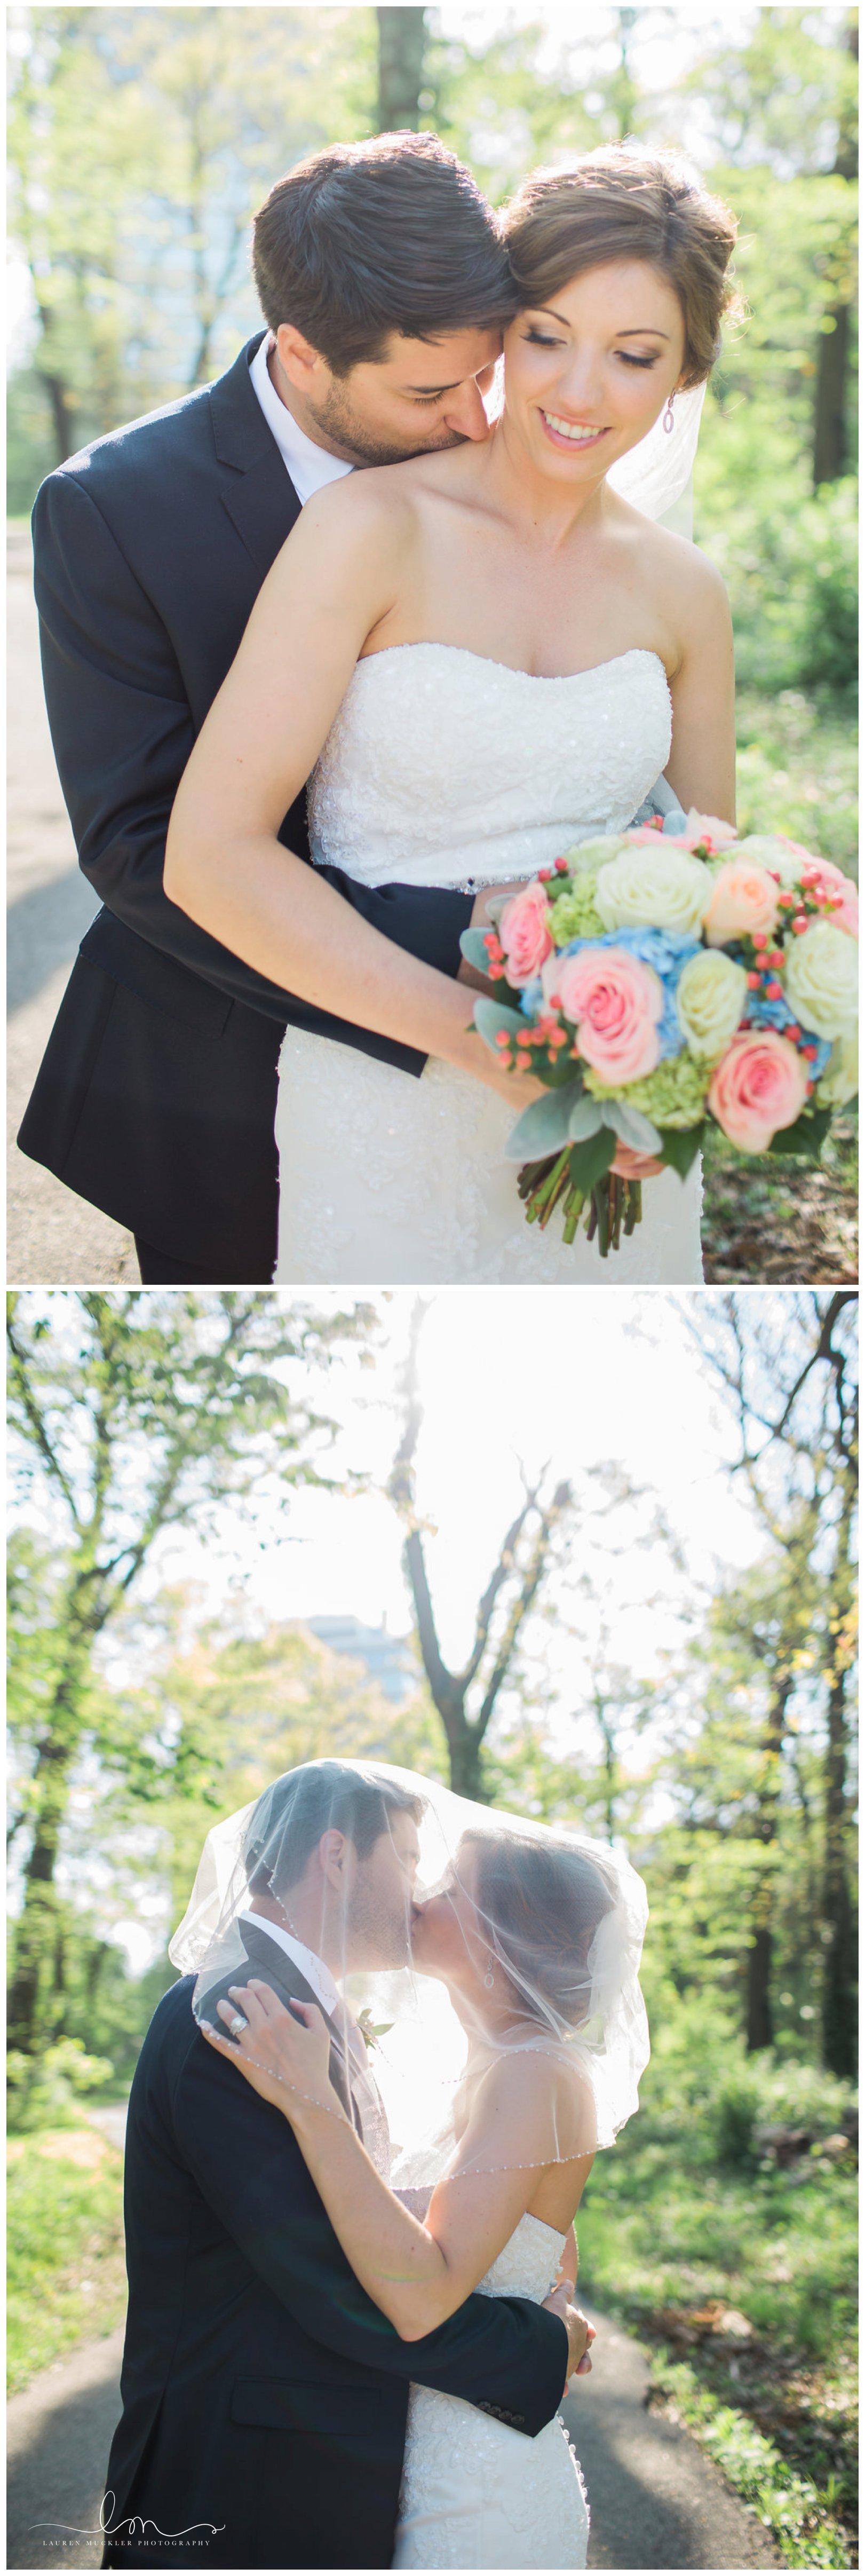 lauren muckler photography_fine art film wedding photography_st louis_photography_0021.jpg